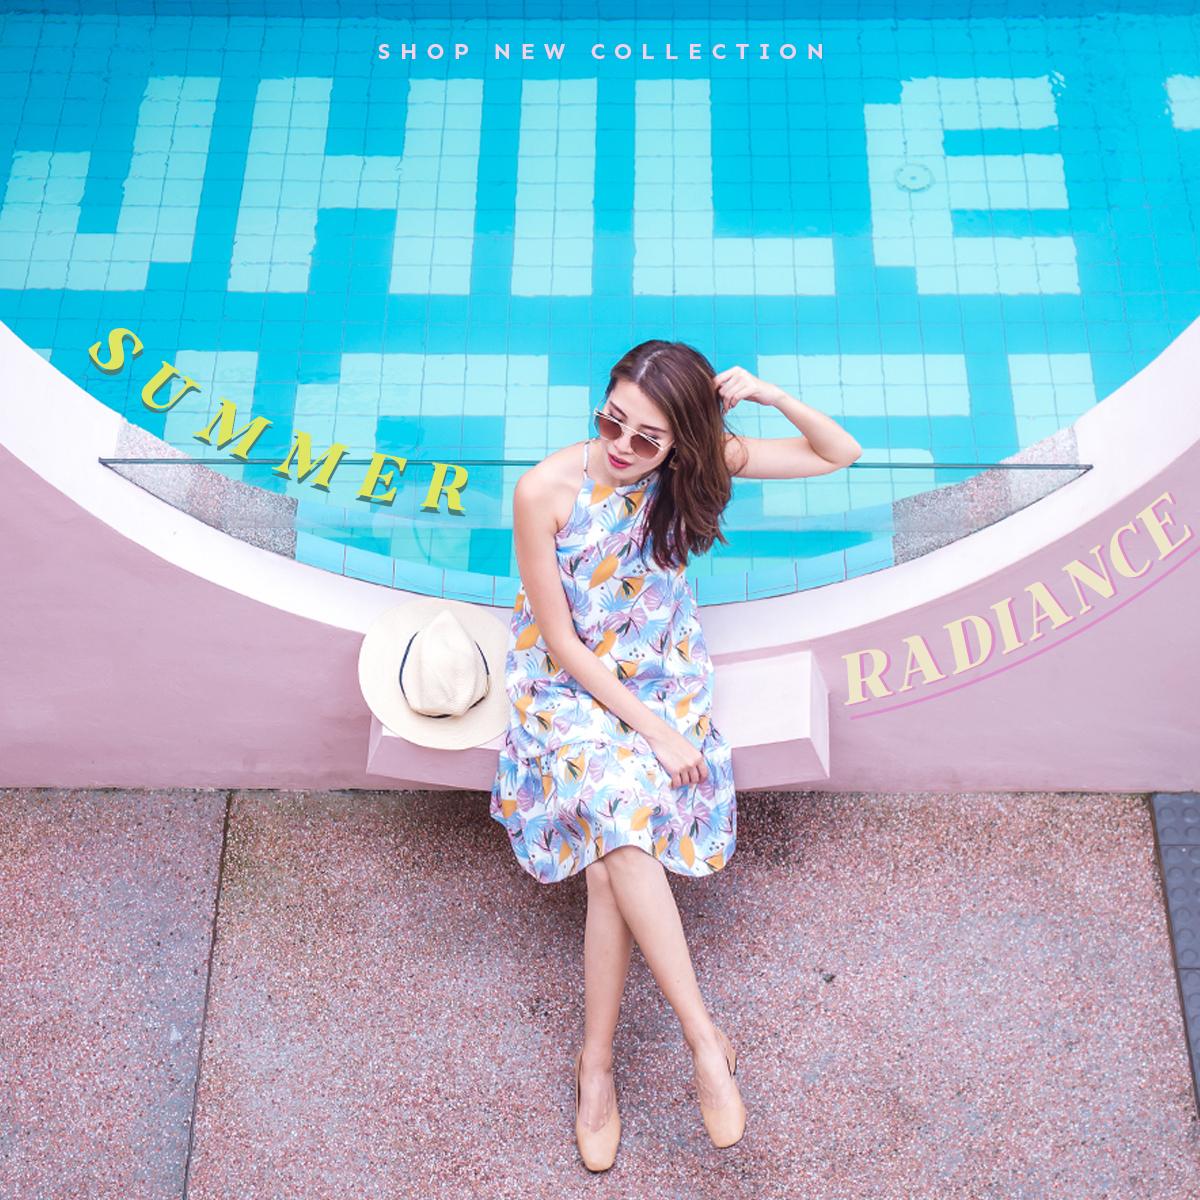 Summer Radiance 01